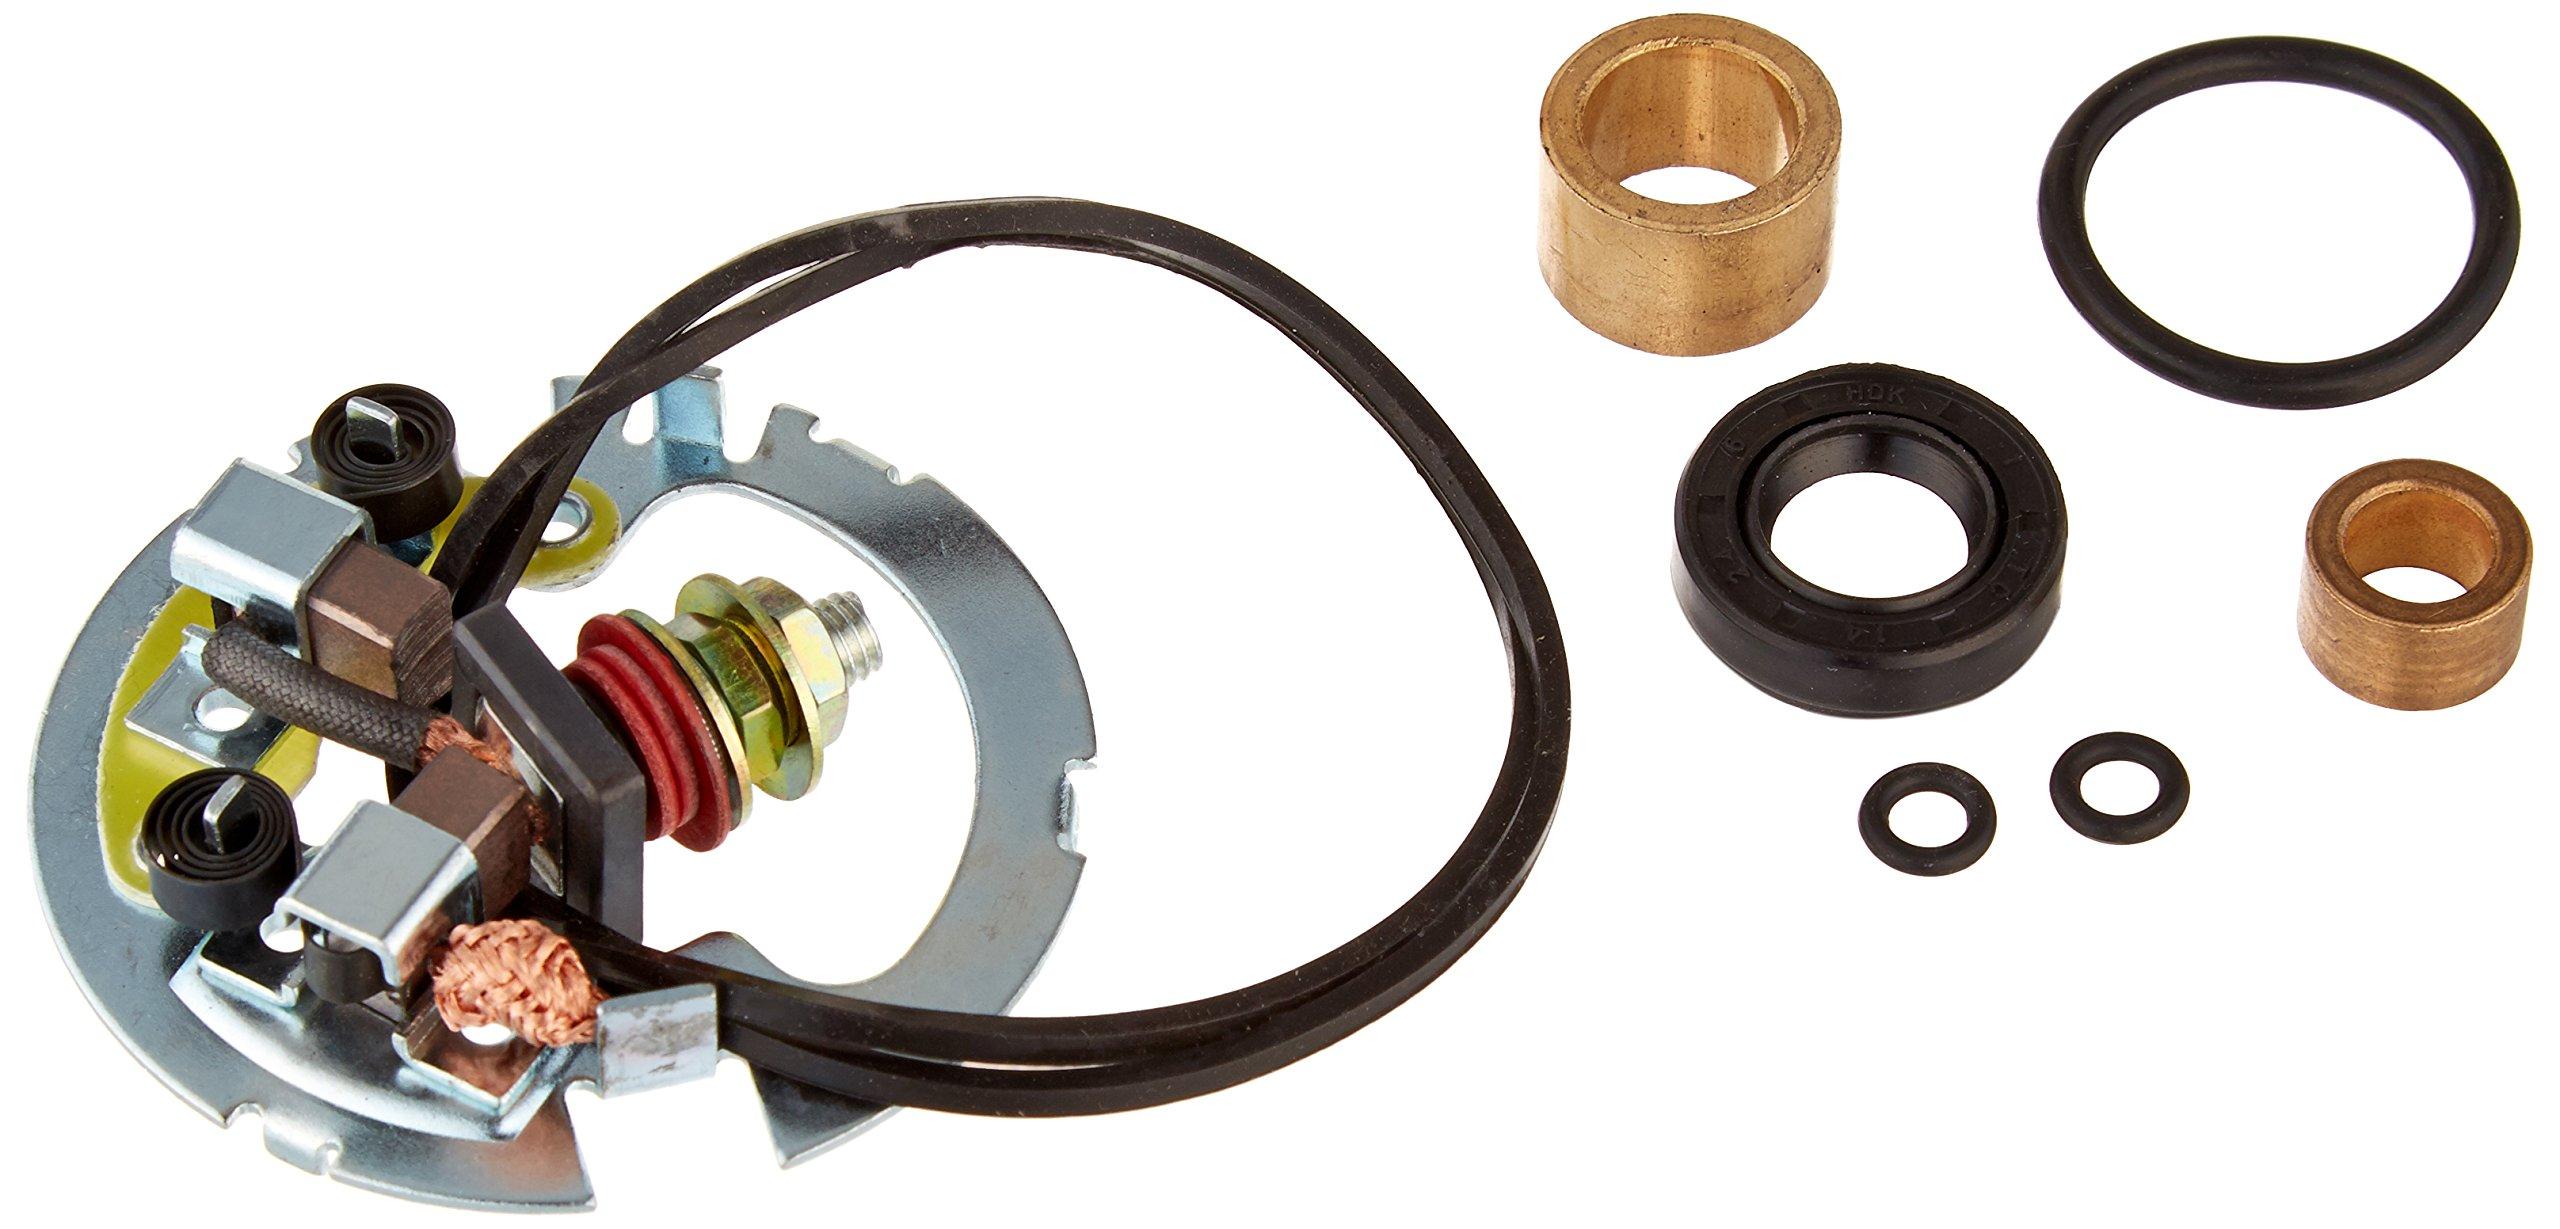 db electrical smu9102 starter (repair kit honda atv atc250 trx 250db electrical smu9102 starter (repair kit honda atv atc250 trx 250 trx300 trx400 trx 450 trx500), starters \u0026 parts amazon canada